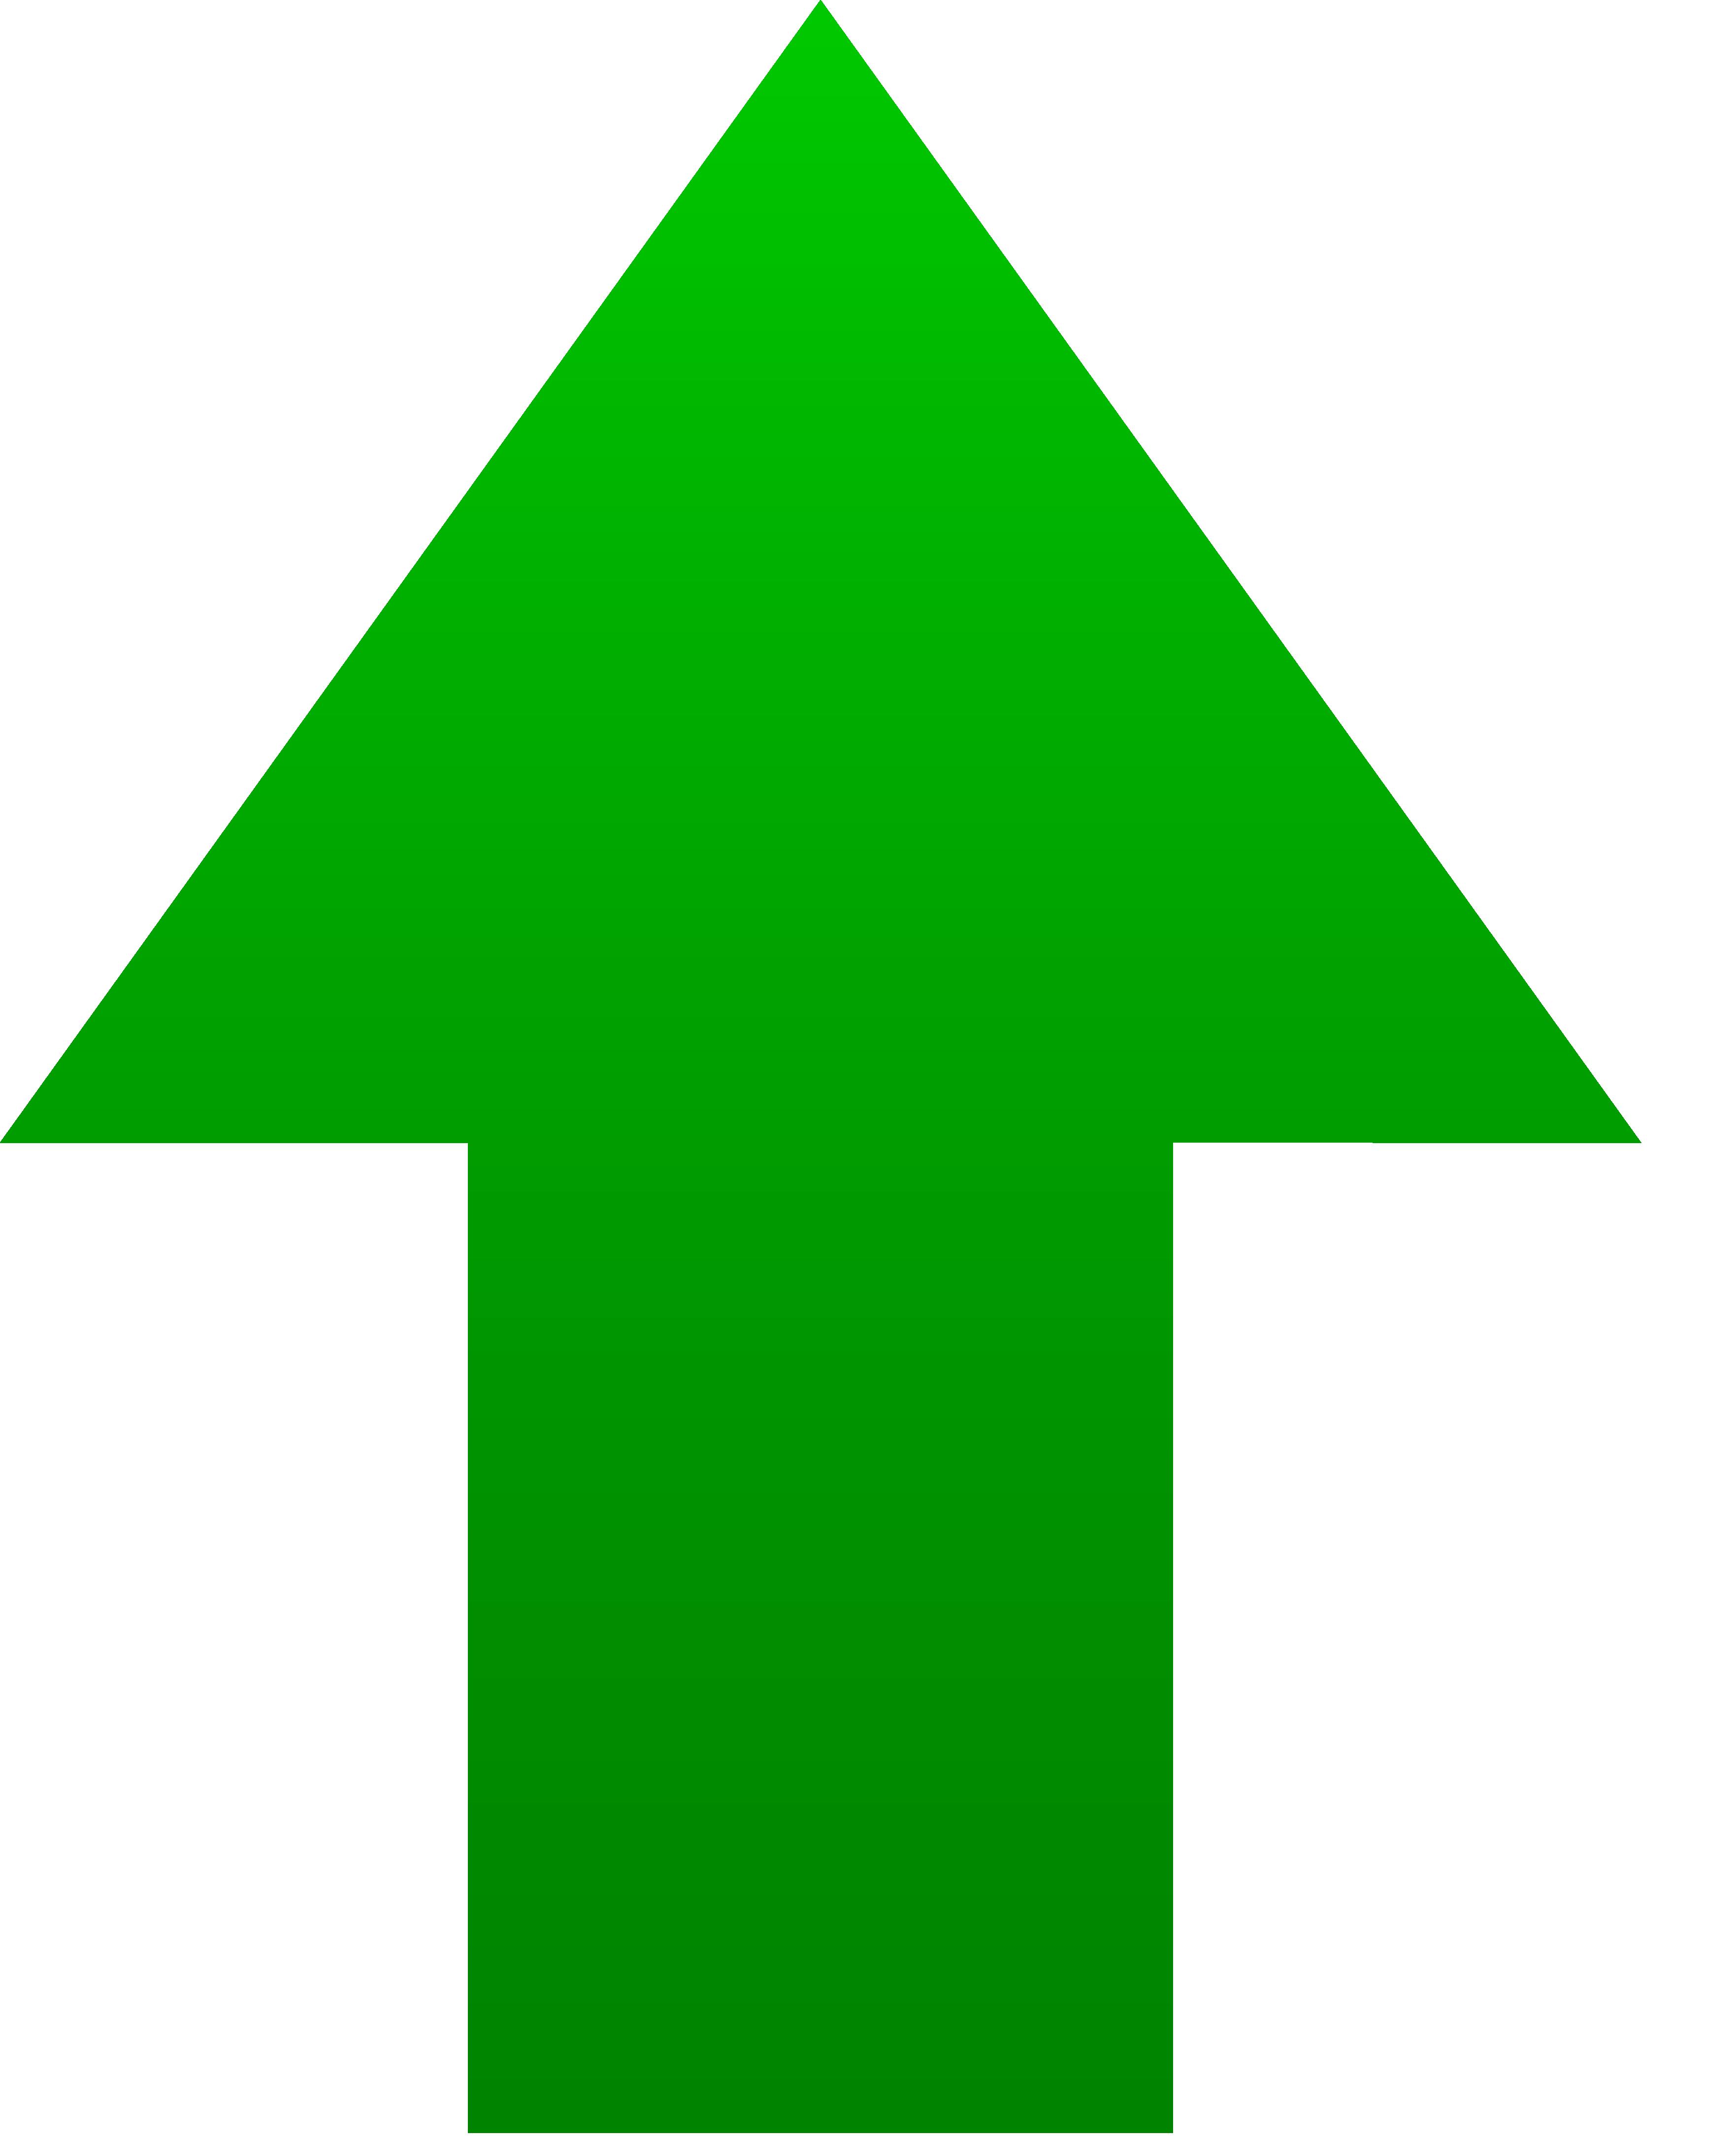 Green Up Arrow Clipart Best